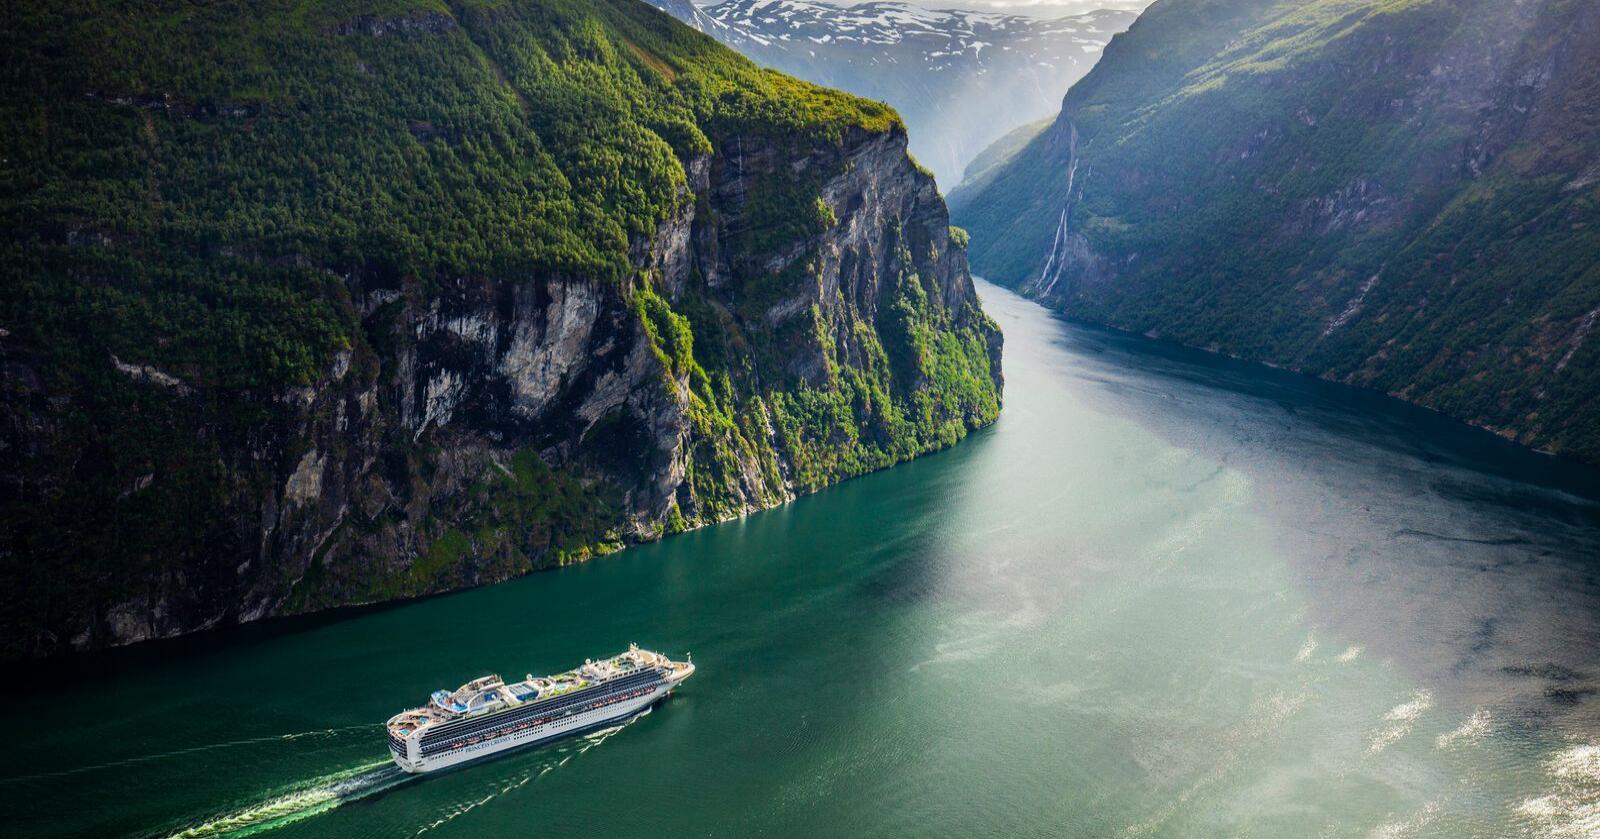 Utsikt over Geirangerfjorden, et yndet mål for mange cruiseturister. Foto: Halvard Alvik / NTB